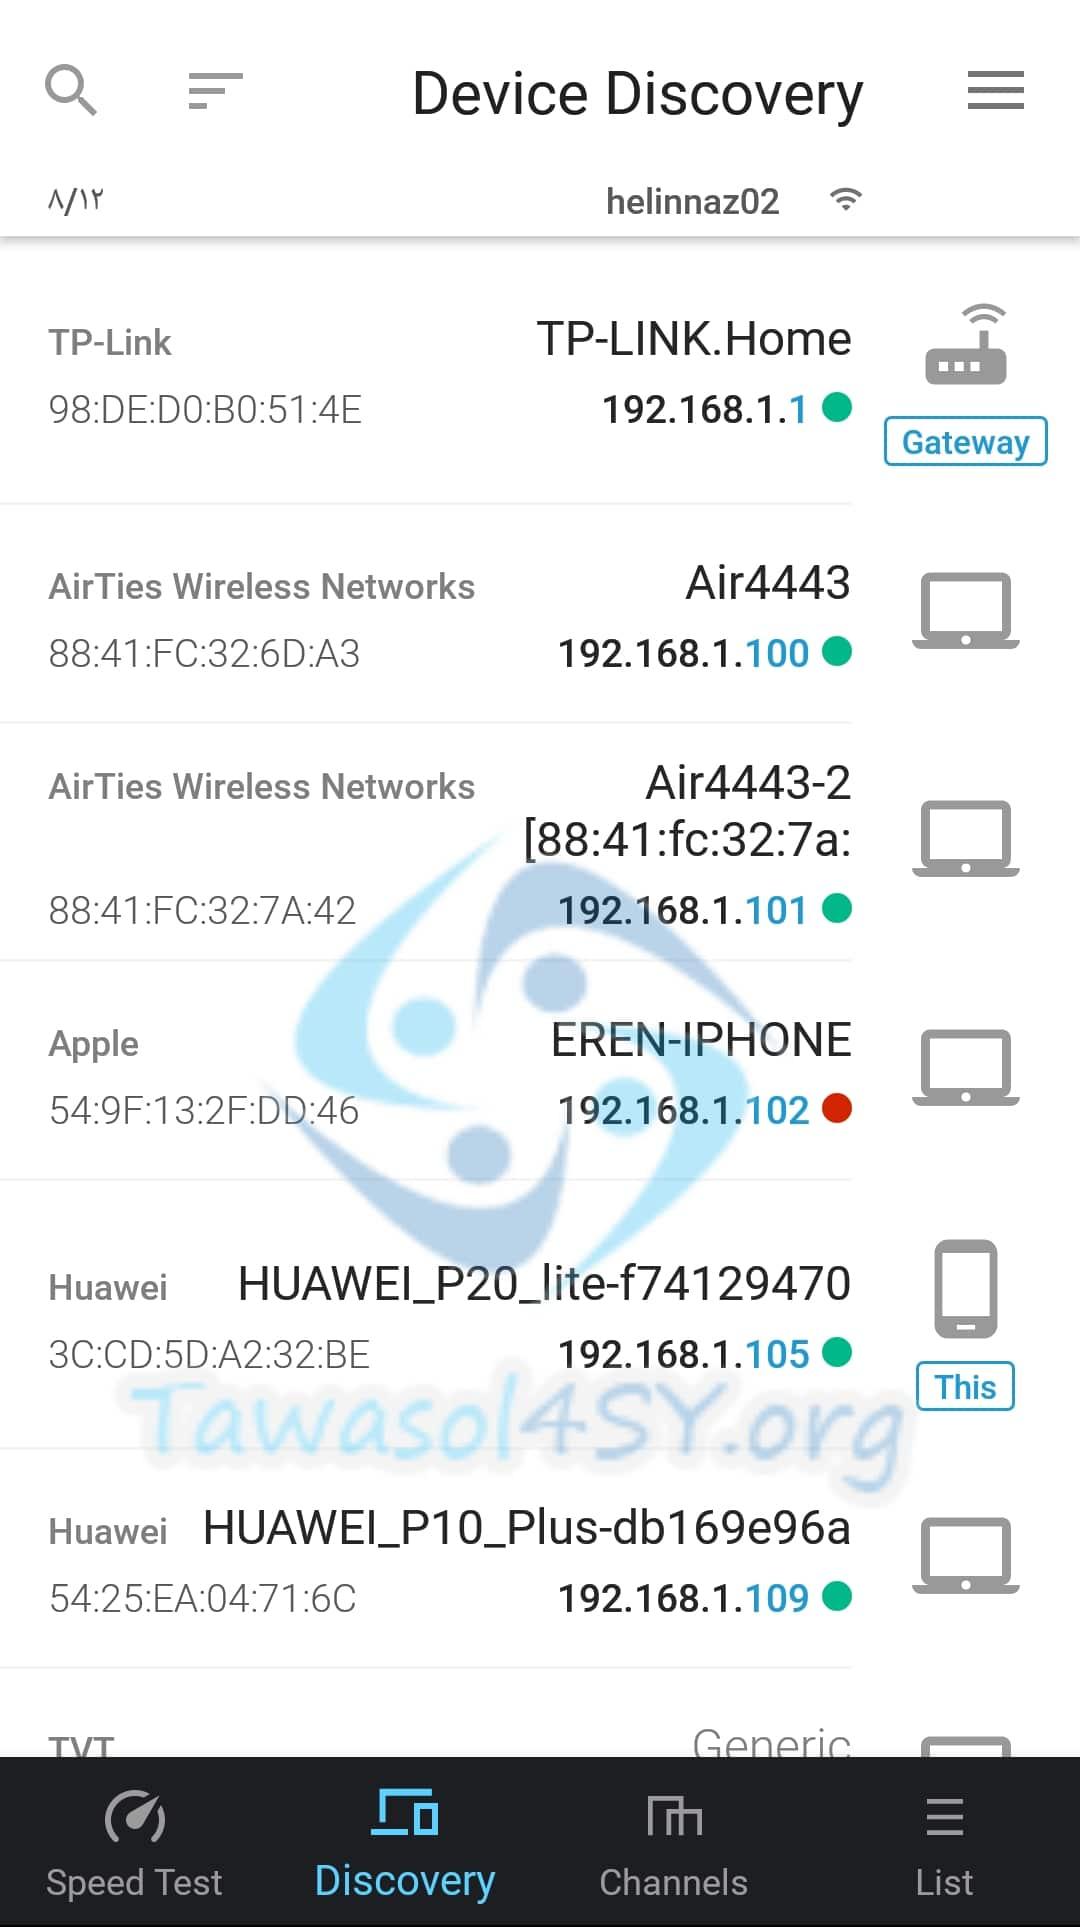 استكشاف الاجهزة المتصلة من خلال برنامج UBNT Mobile WiFiman